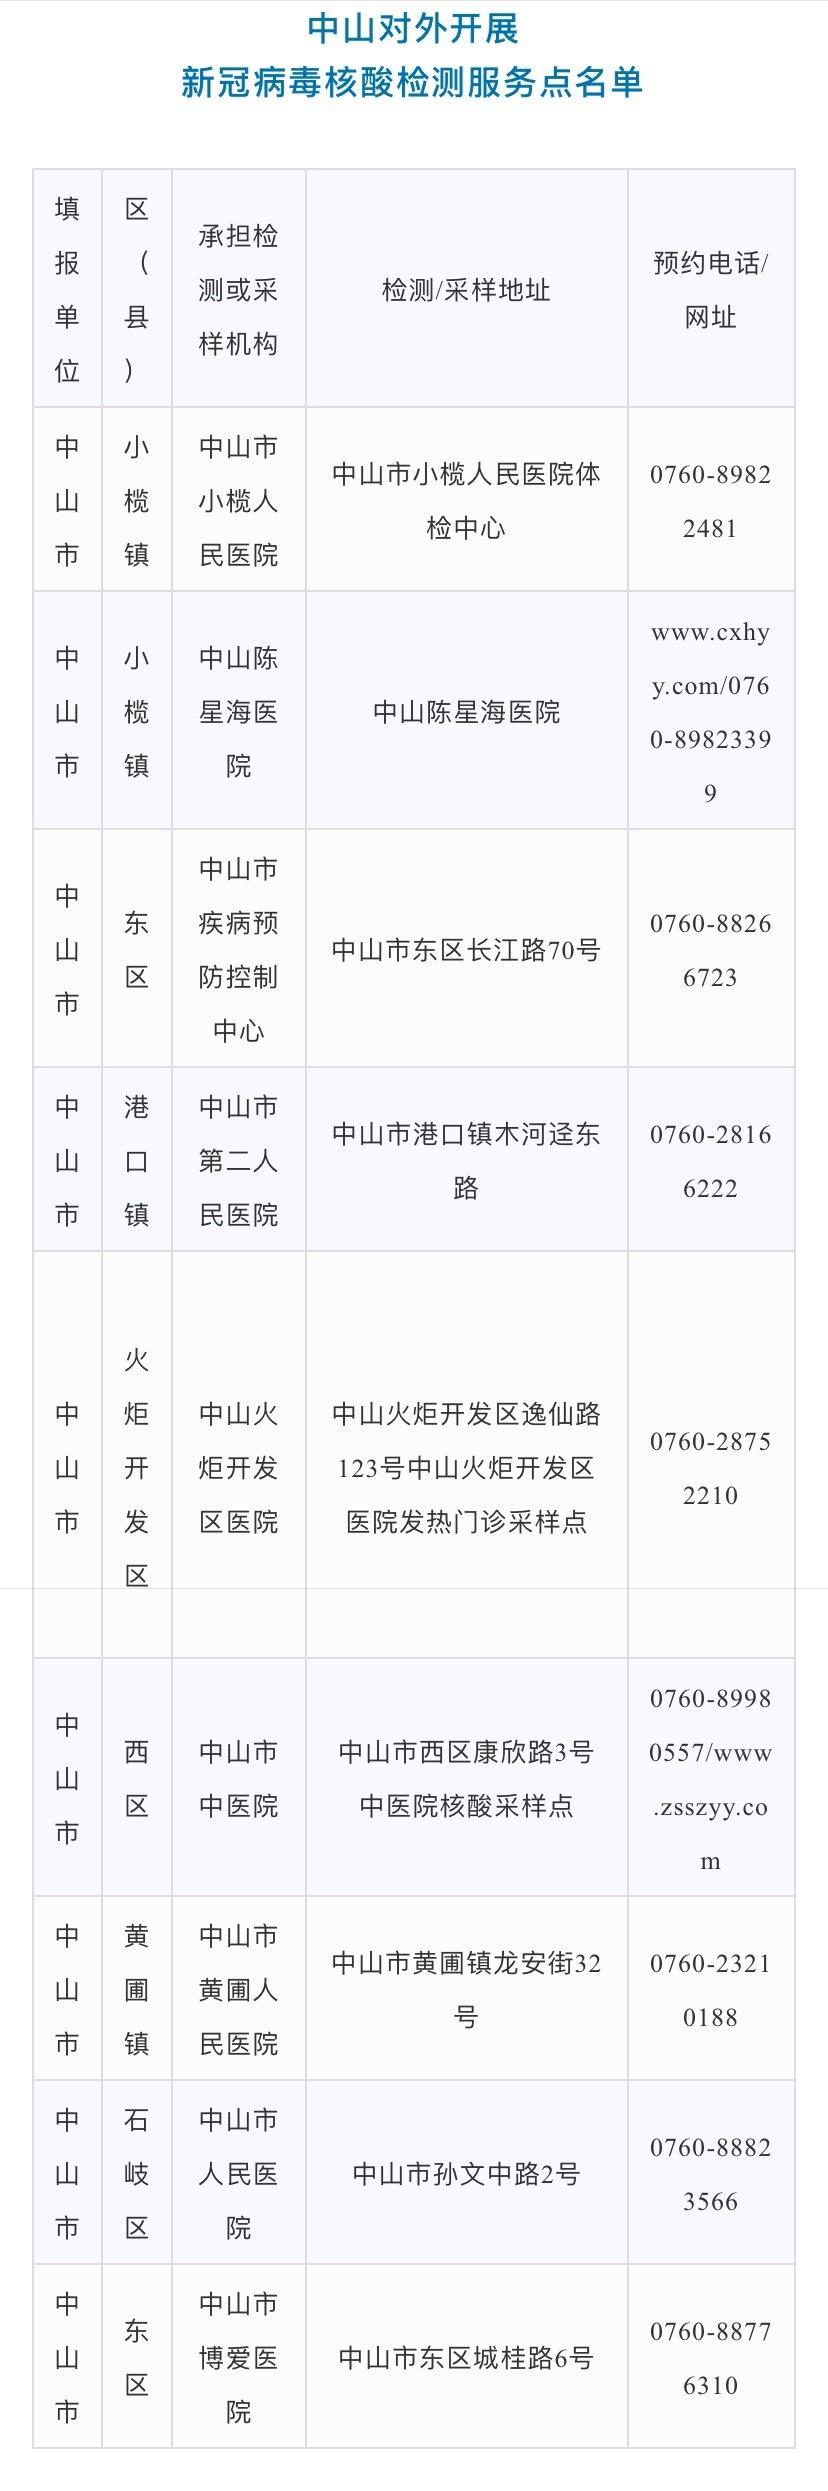 中山对外开展新冠病毒核酸检测服务点名单如下